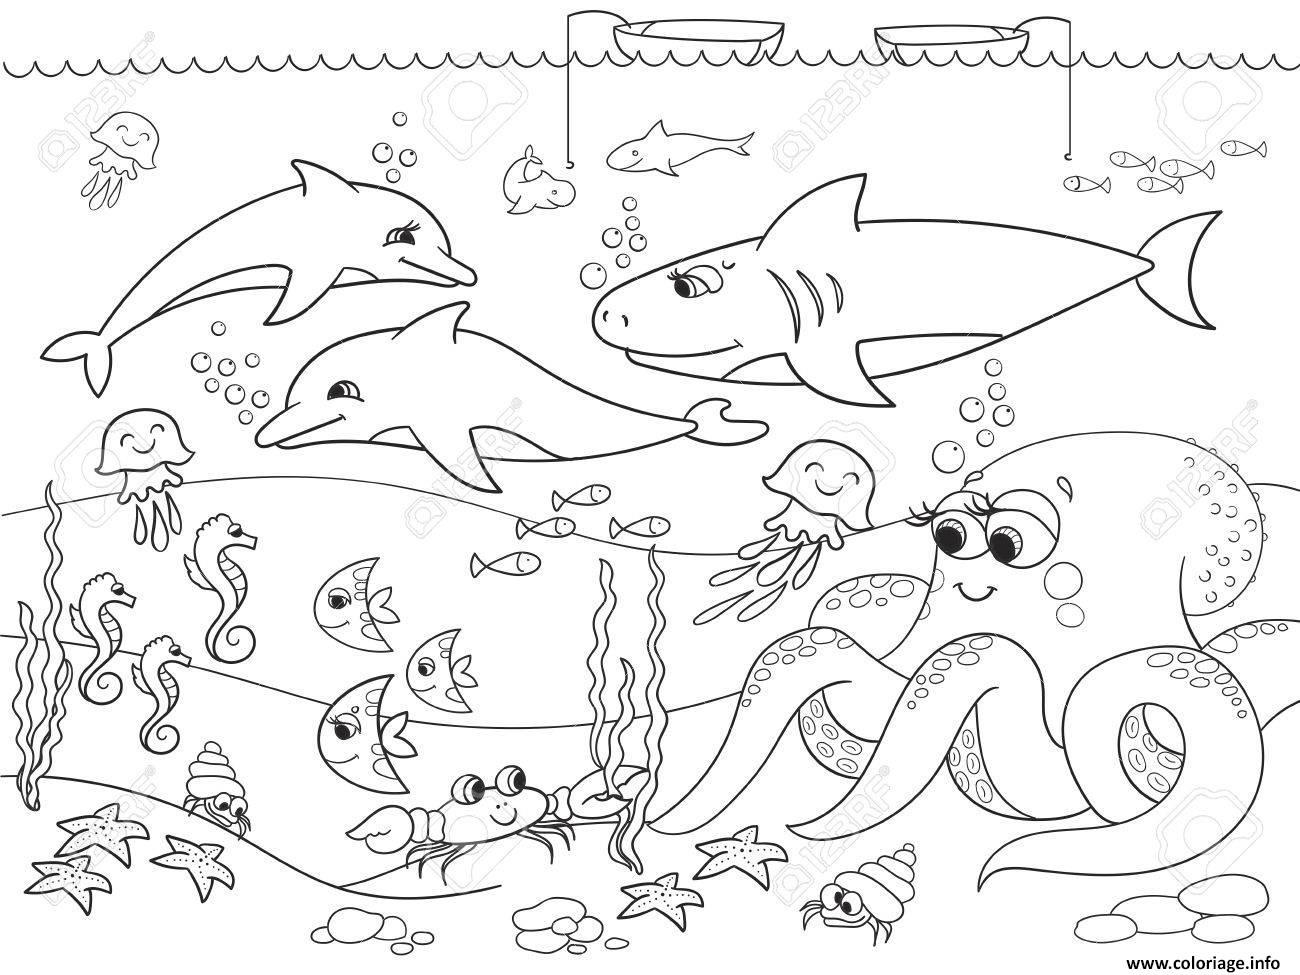 Dessin fond marin avec les animaux de la mer Coloriage Gratuit à Imprimer